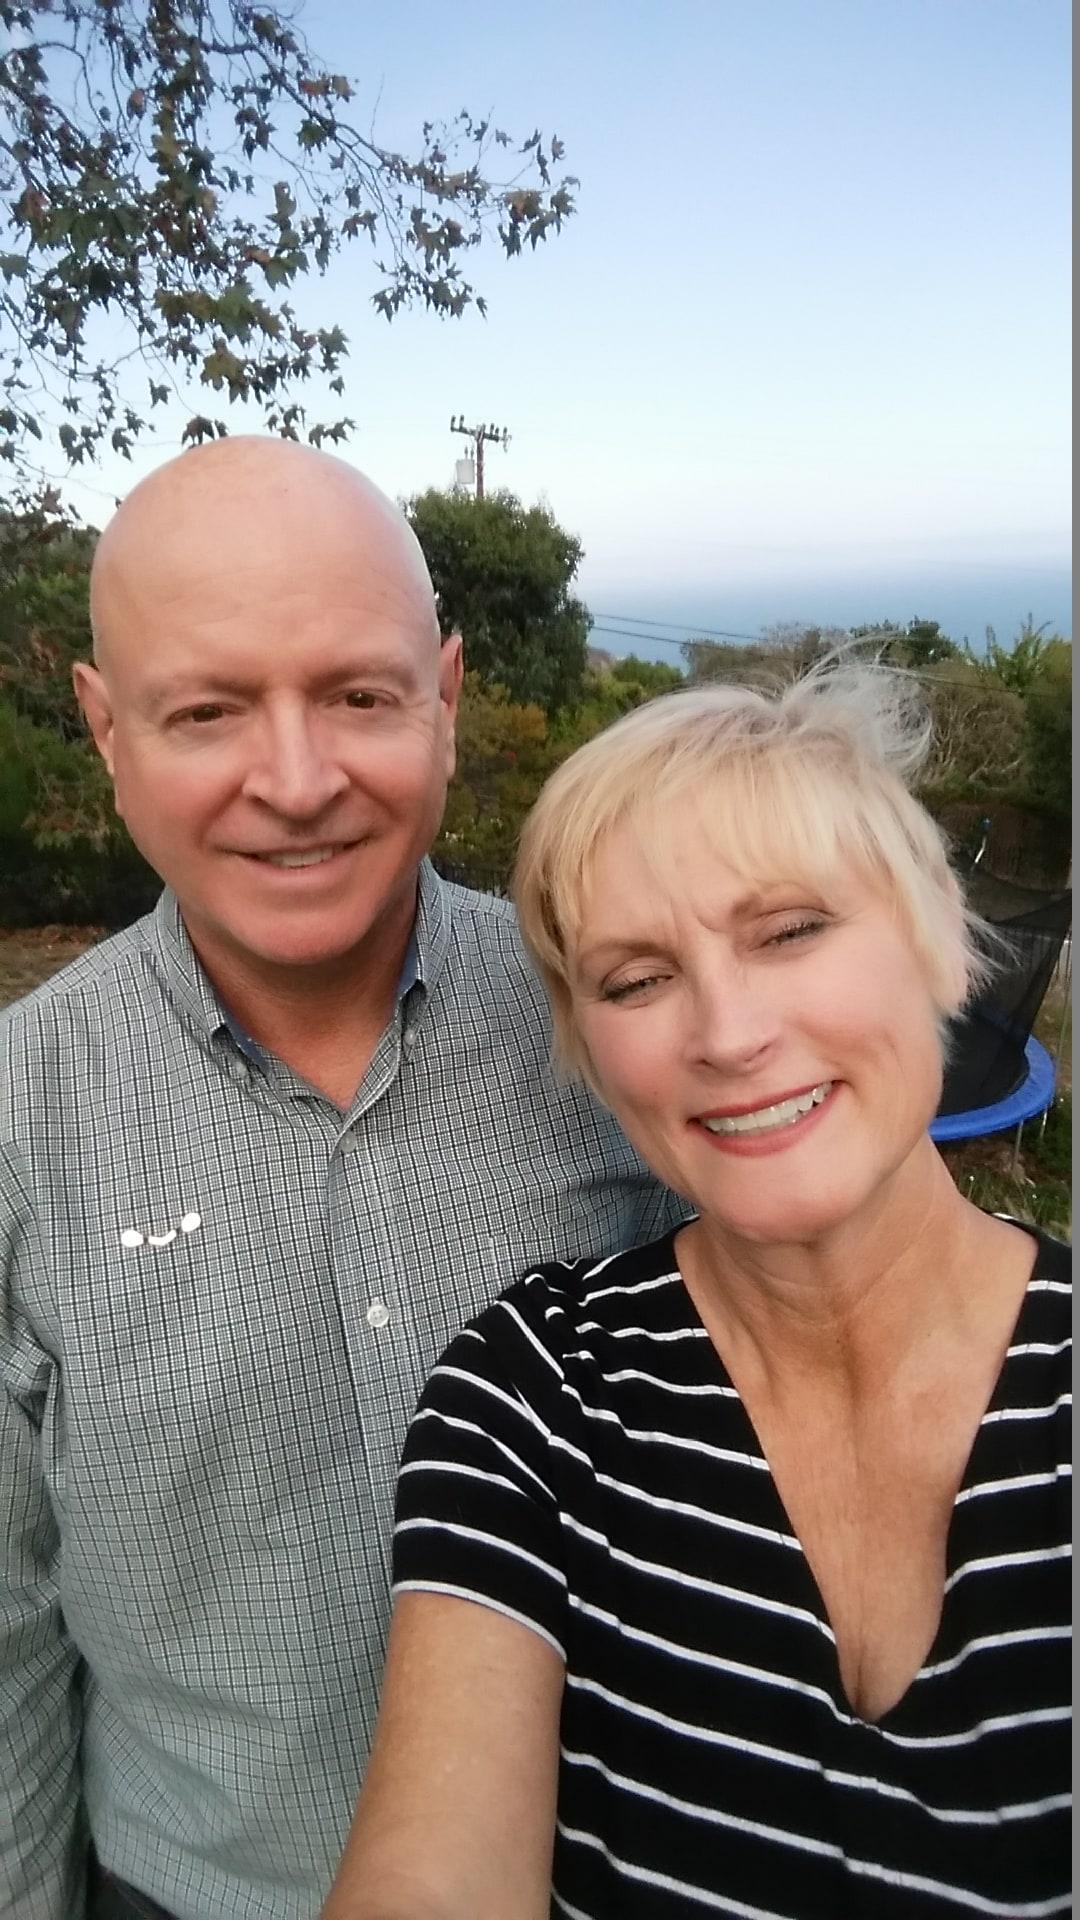 Shelly & Paul from Malibu